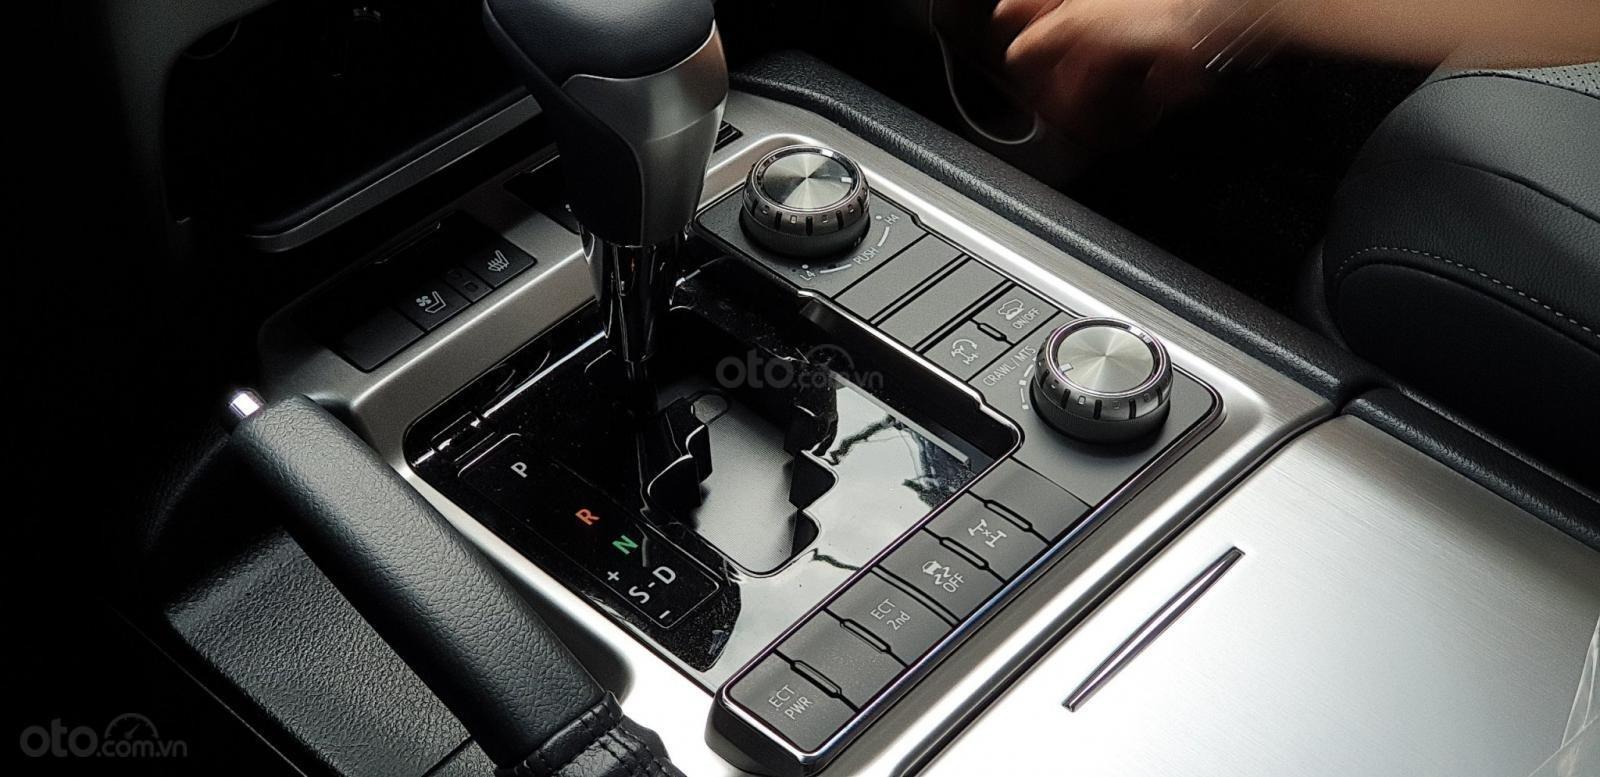 Bán xe Toyota Land Cruiser V8 nhập Nhật chính hãng, LH: 0945.446.186 (9)